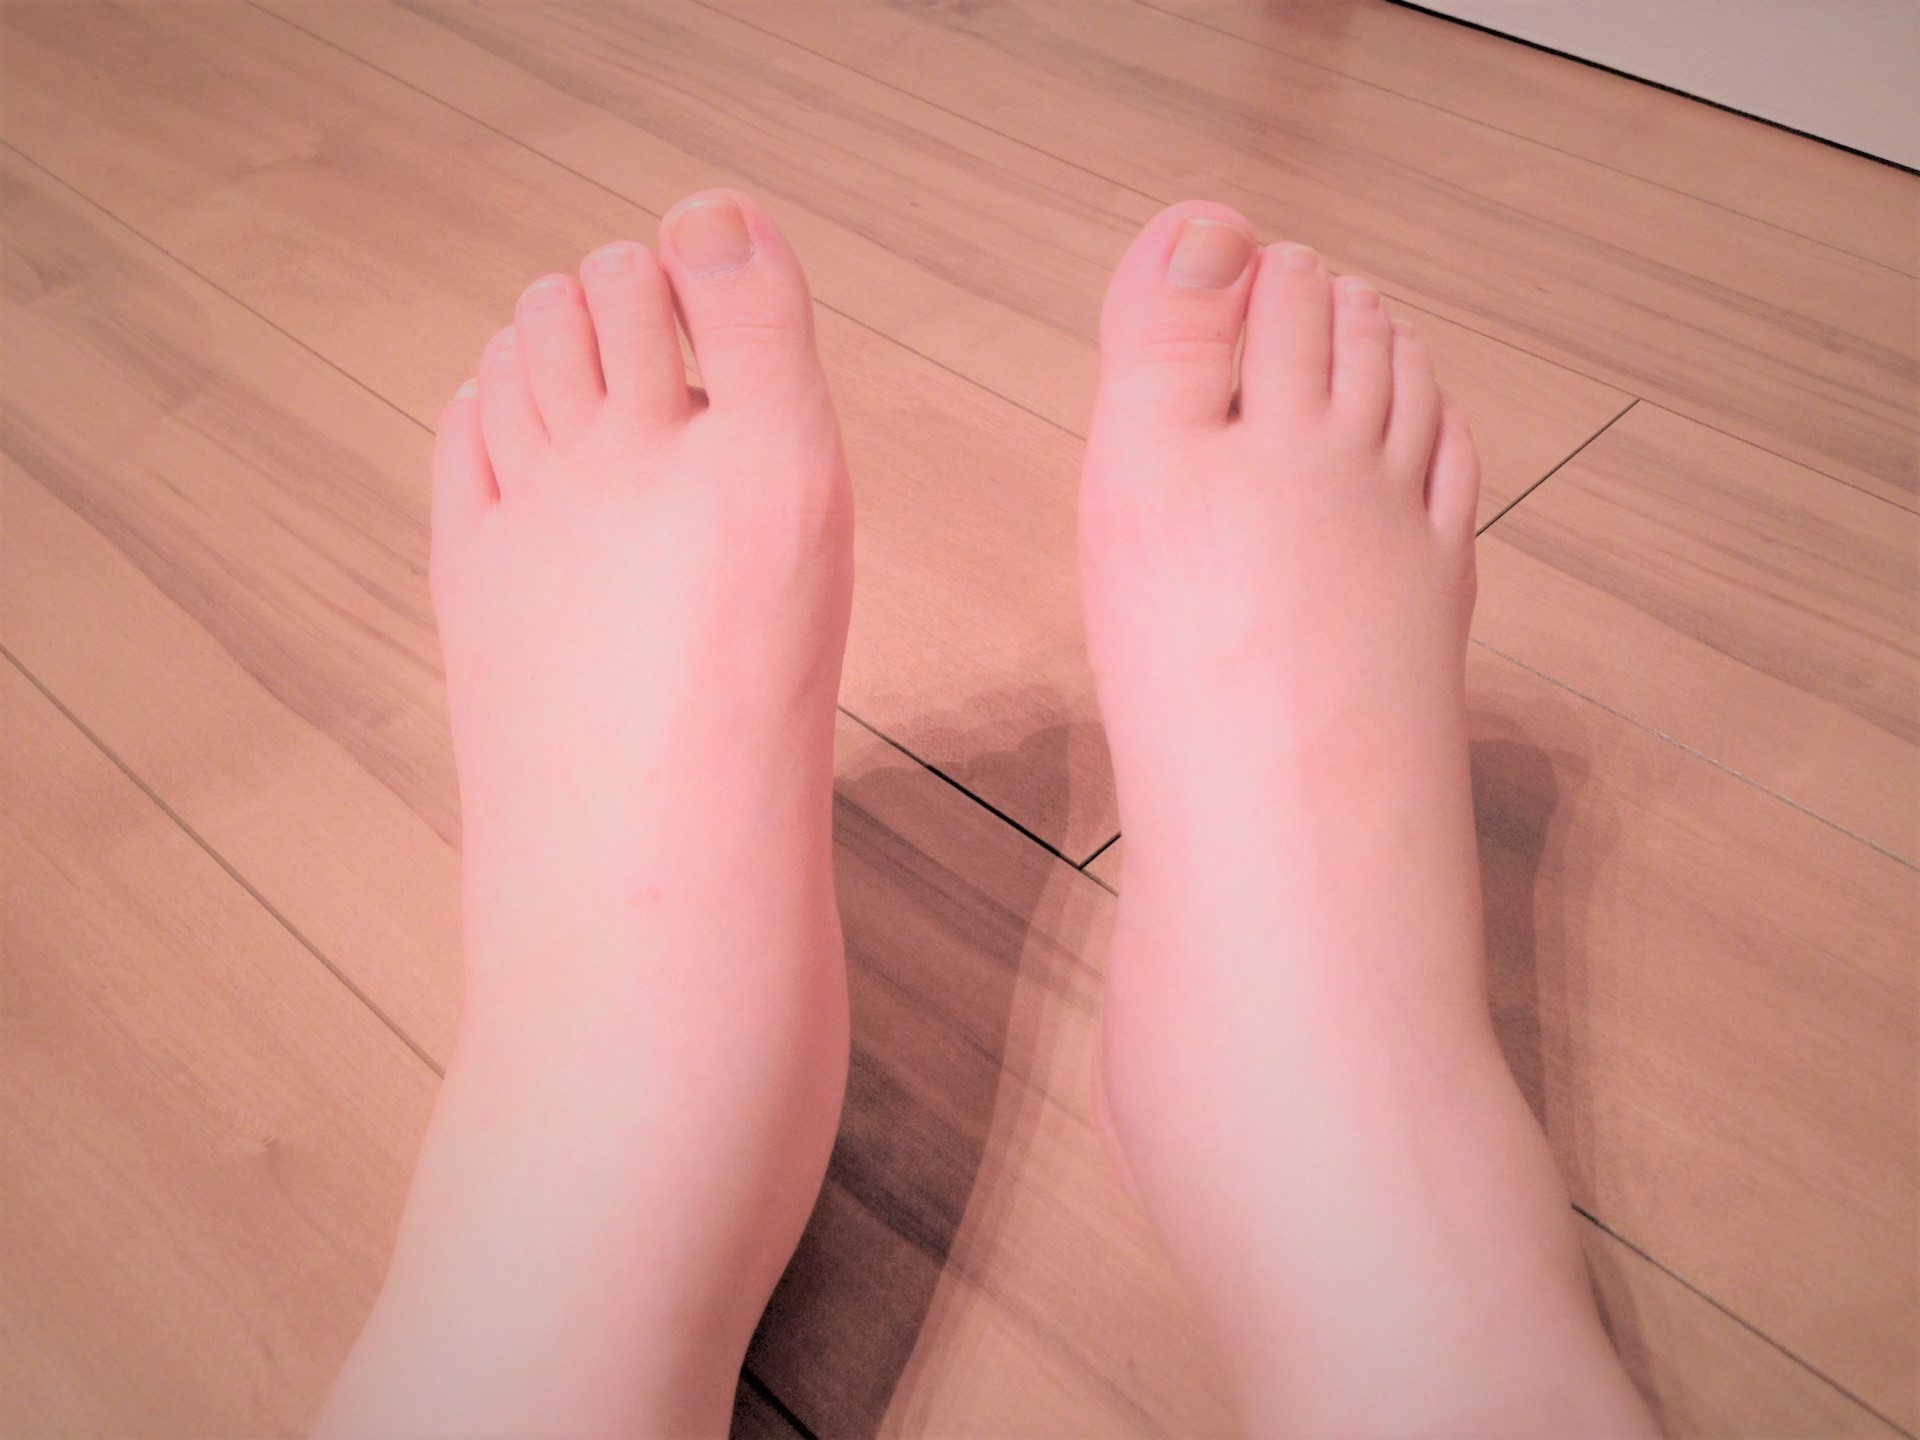 足 の むくみ 妊婦